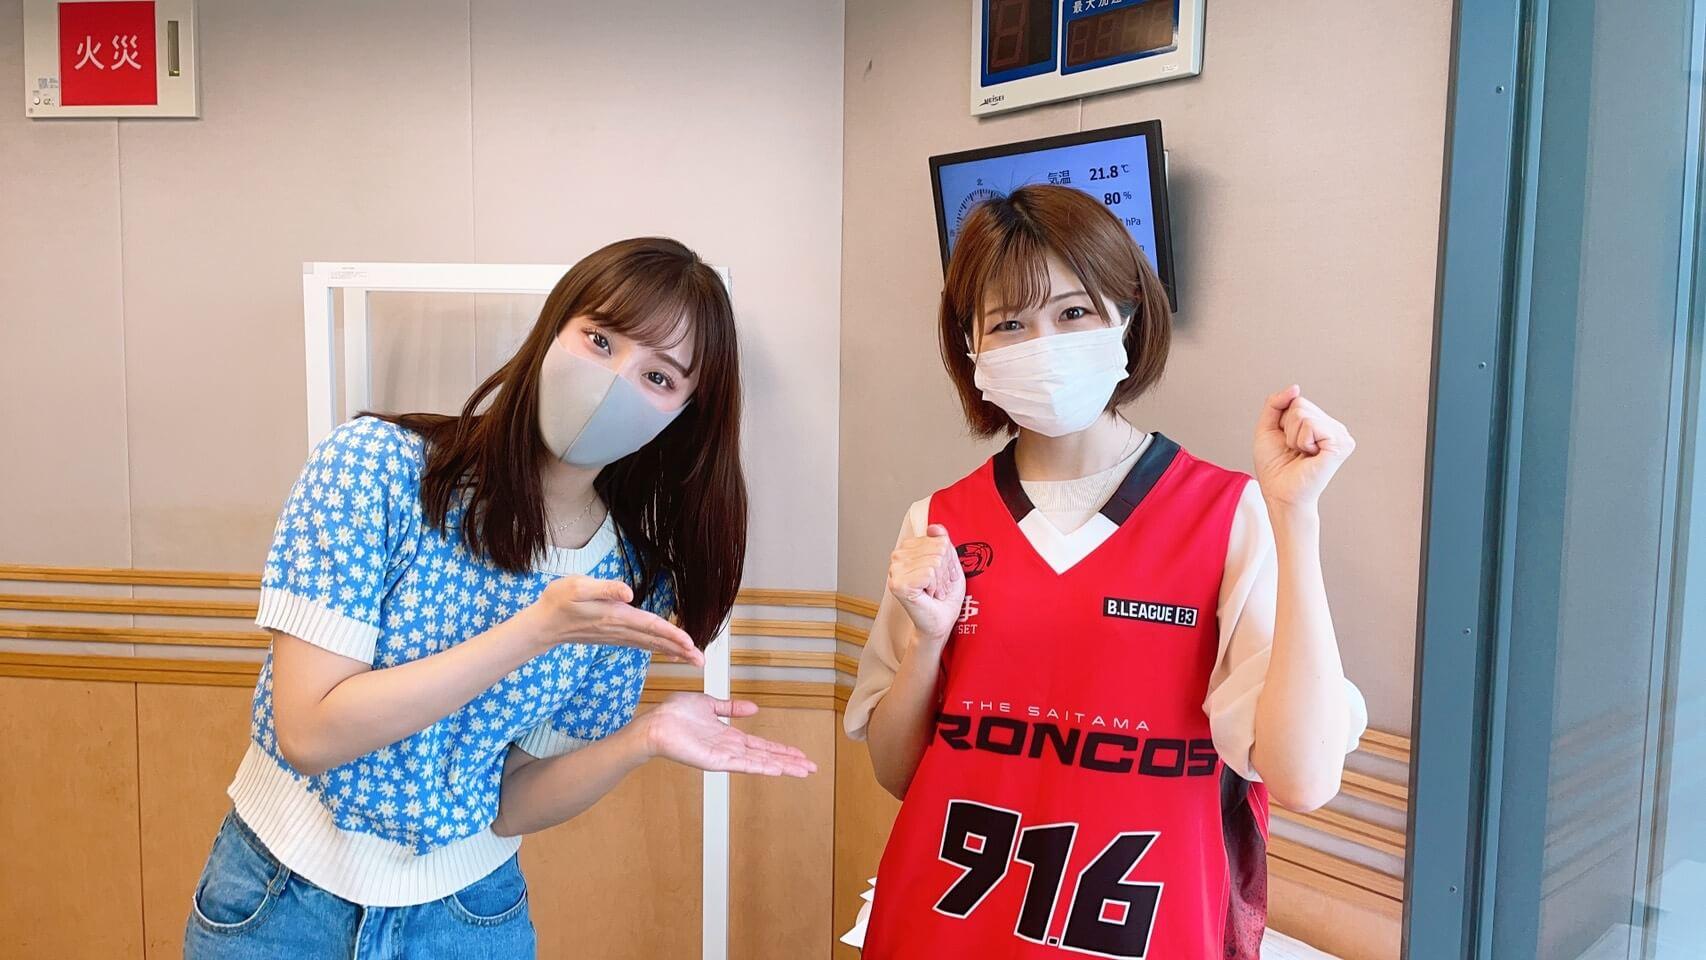 さいたまブロンコスと埼玉のバスケシーンを盛り上げる!「New Stars」放送レポ#1(6月6日放送分)